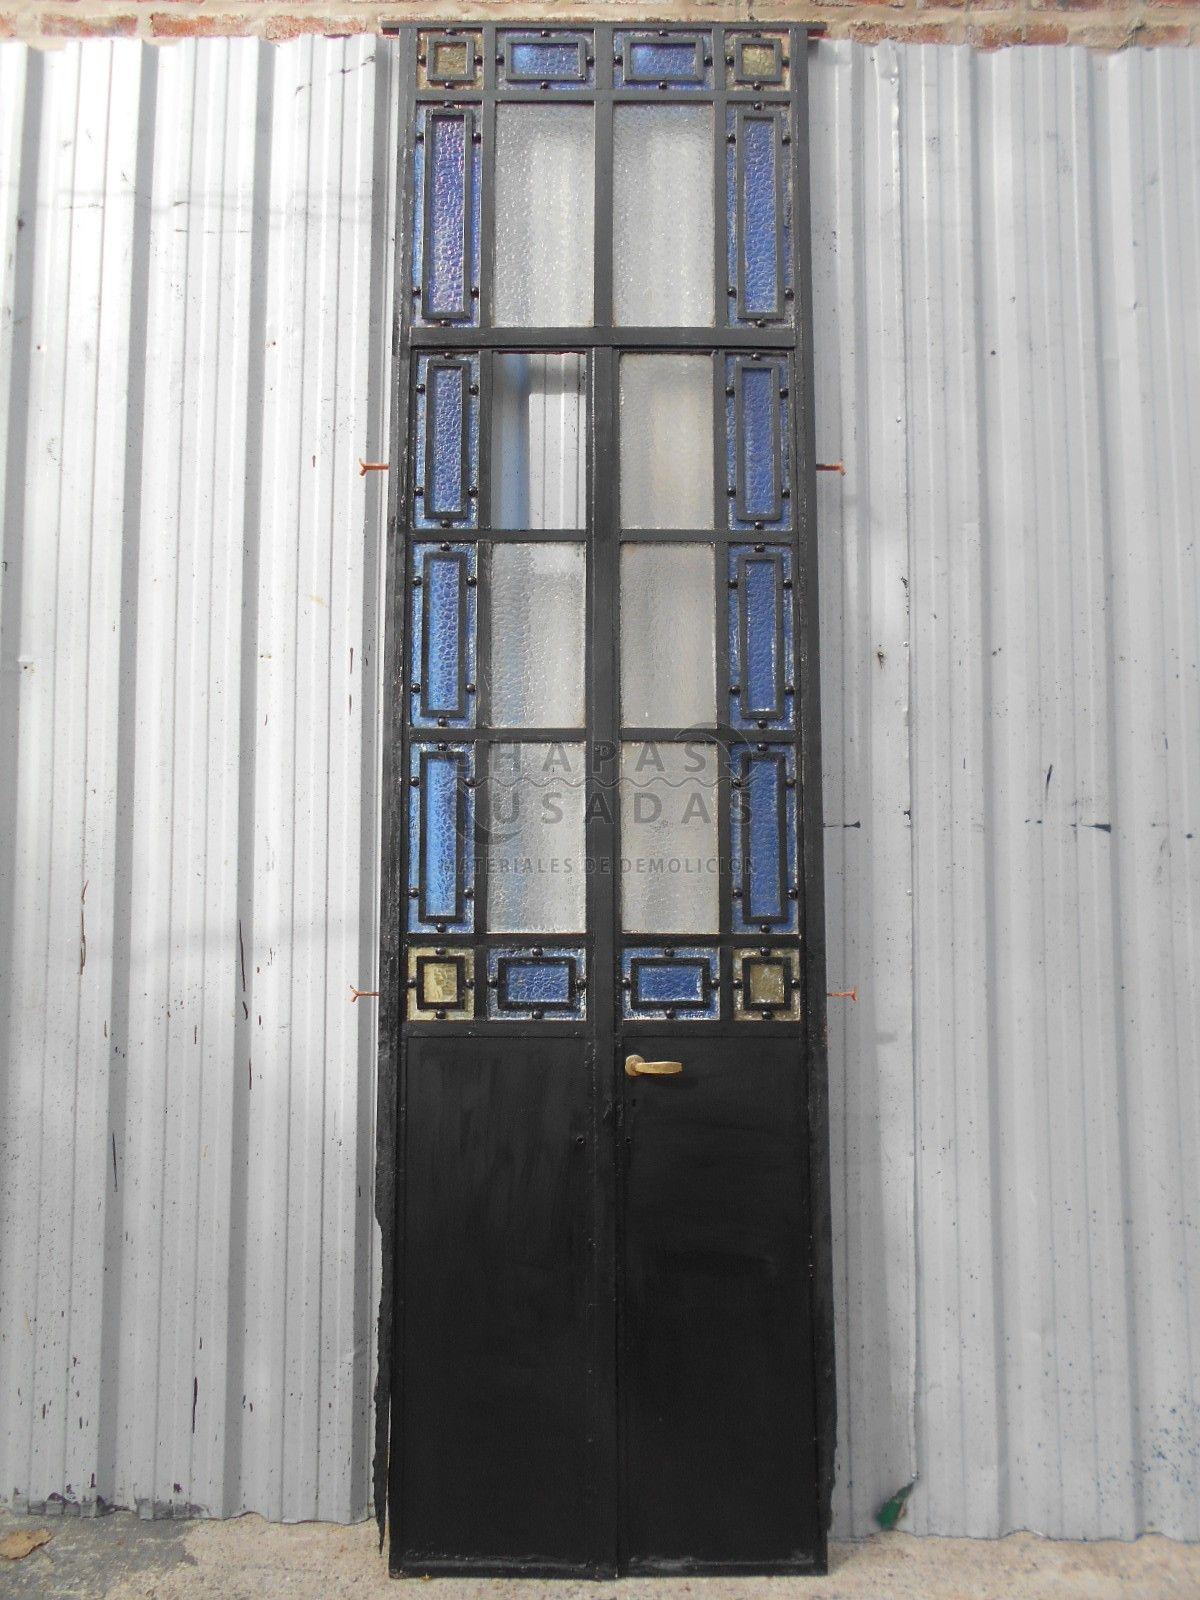 Antigua puerta de hierro tipo mampara puertas antiguas for Puertas de madera y hierro antiguas